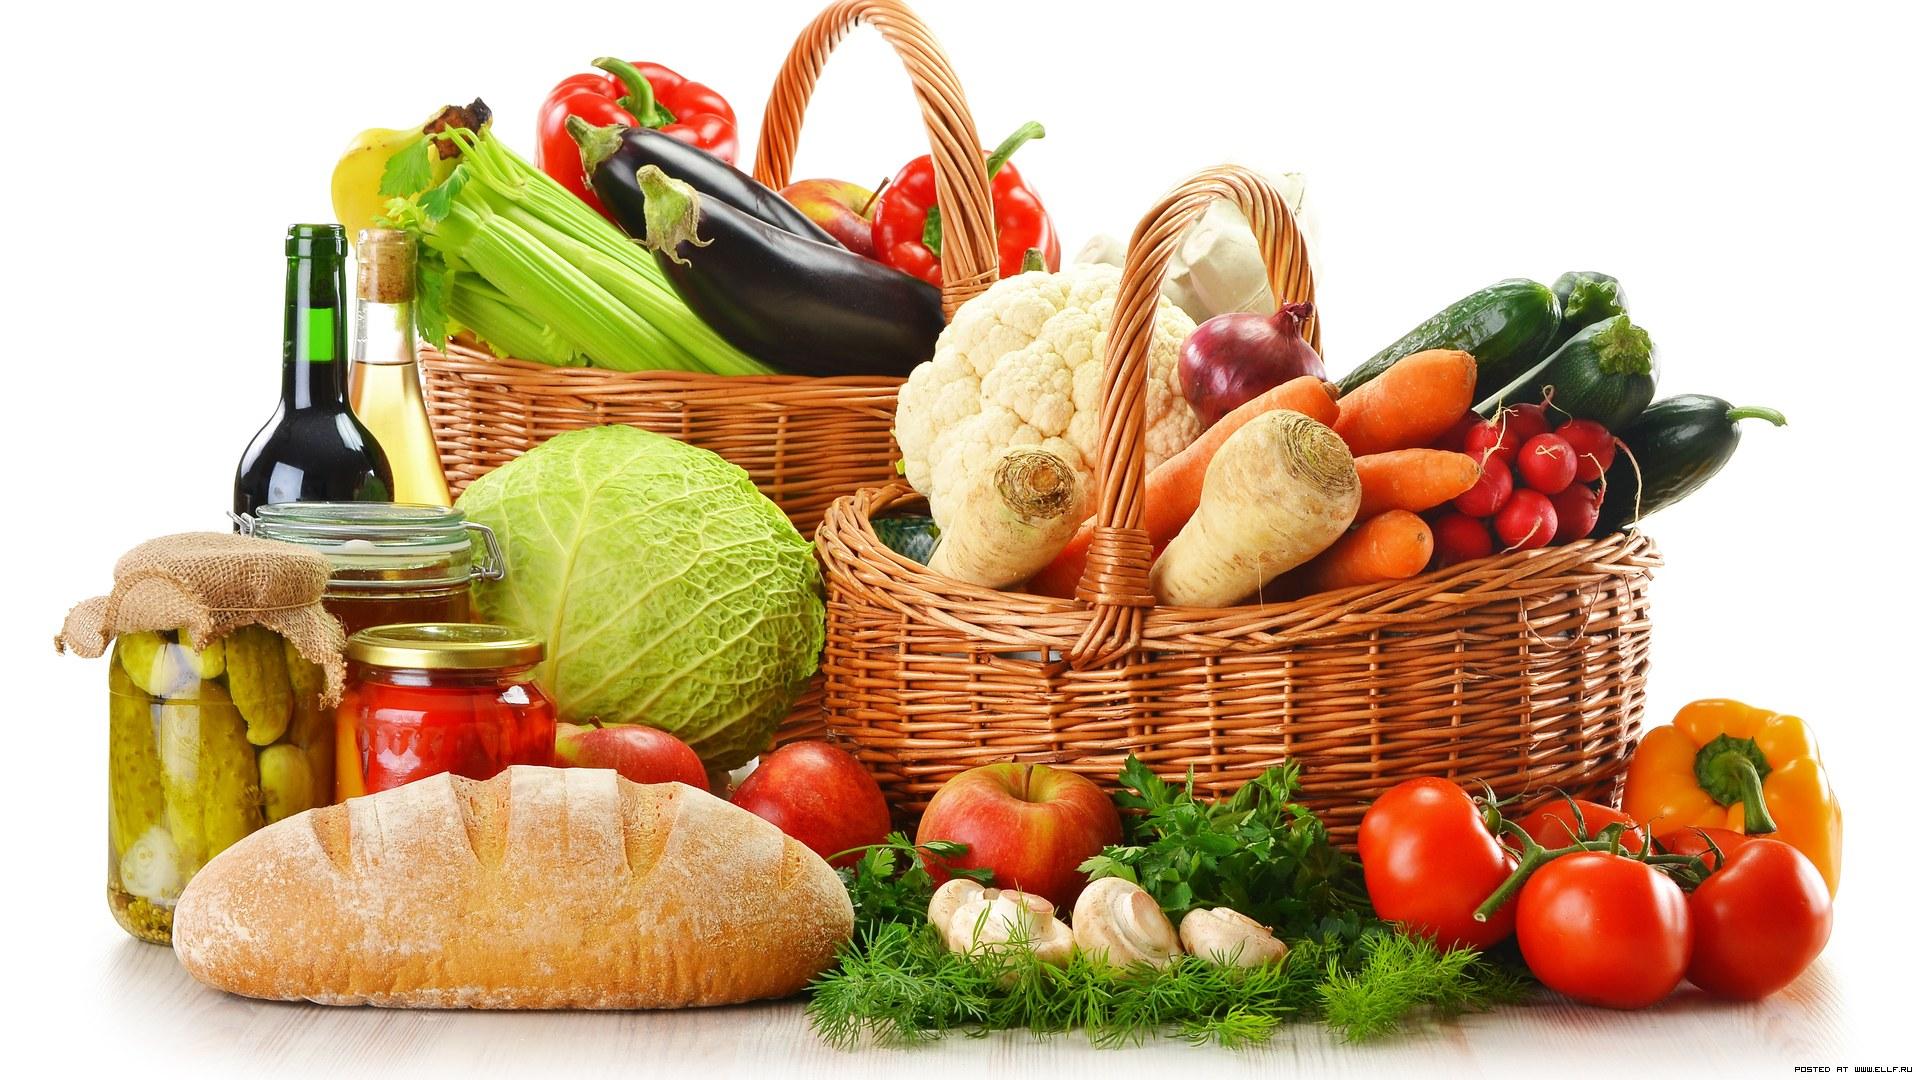 رمضان میں صحت بخش غذائیں استعمال کریں